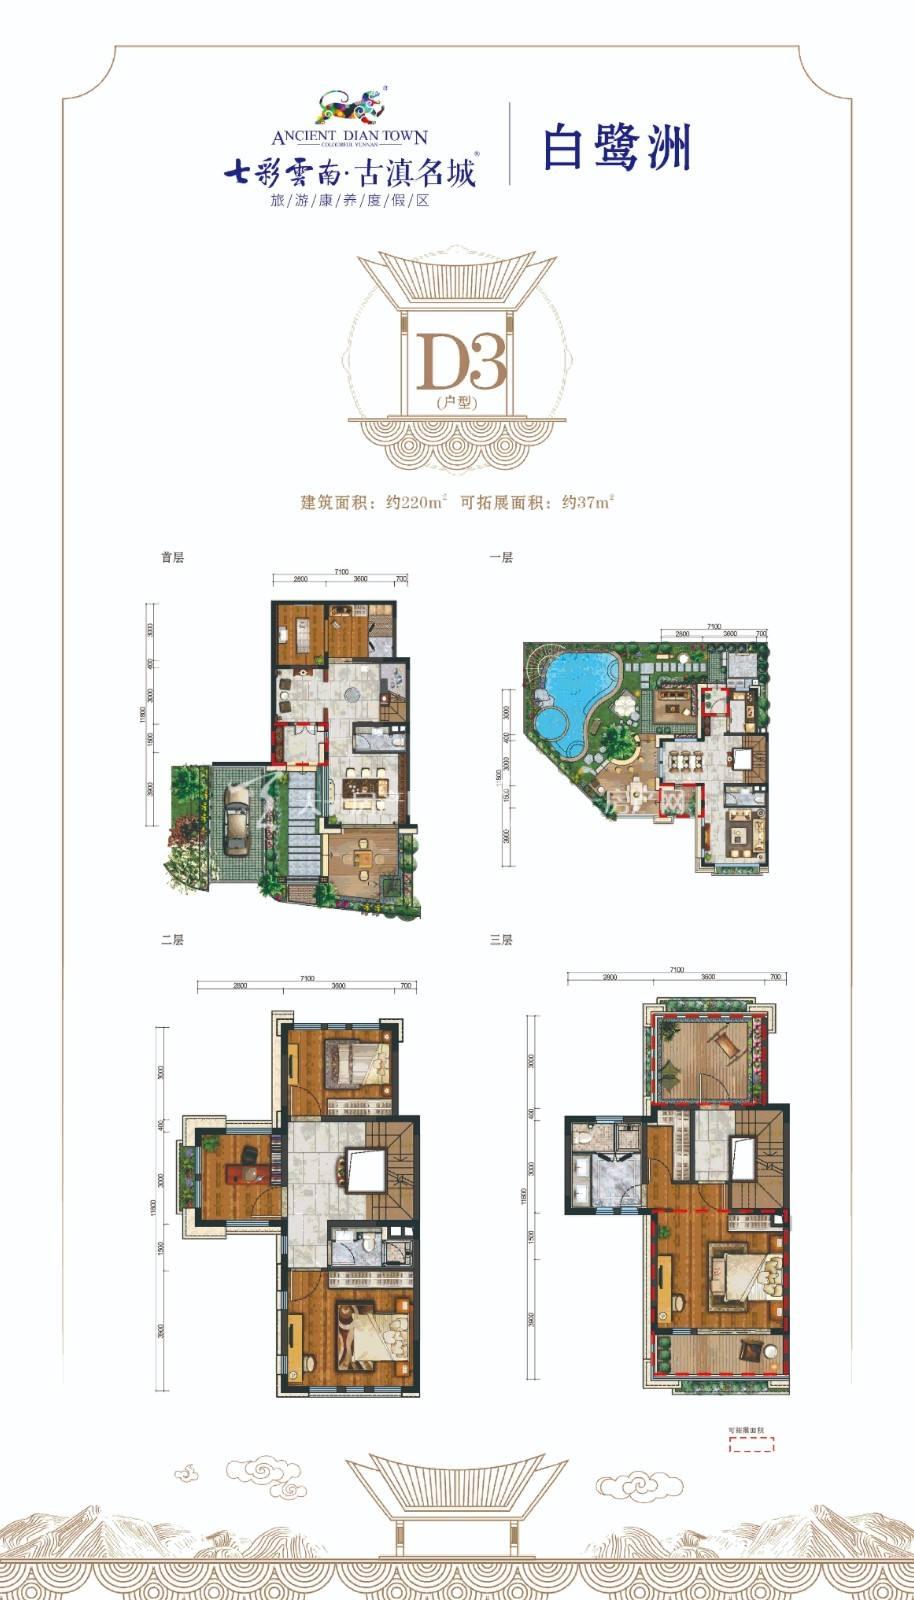 七彩云南古滇名城白鹭洲D3户型建筑面积约220㎡